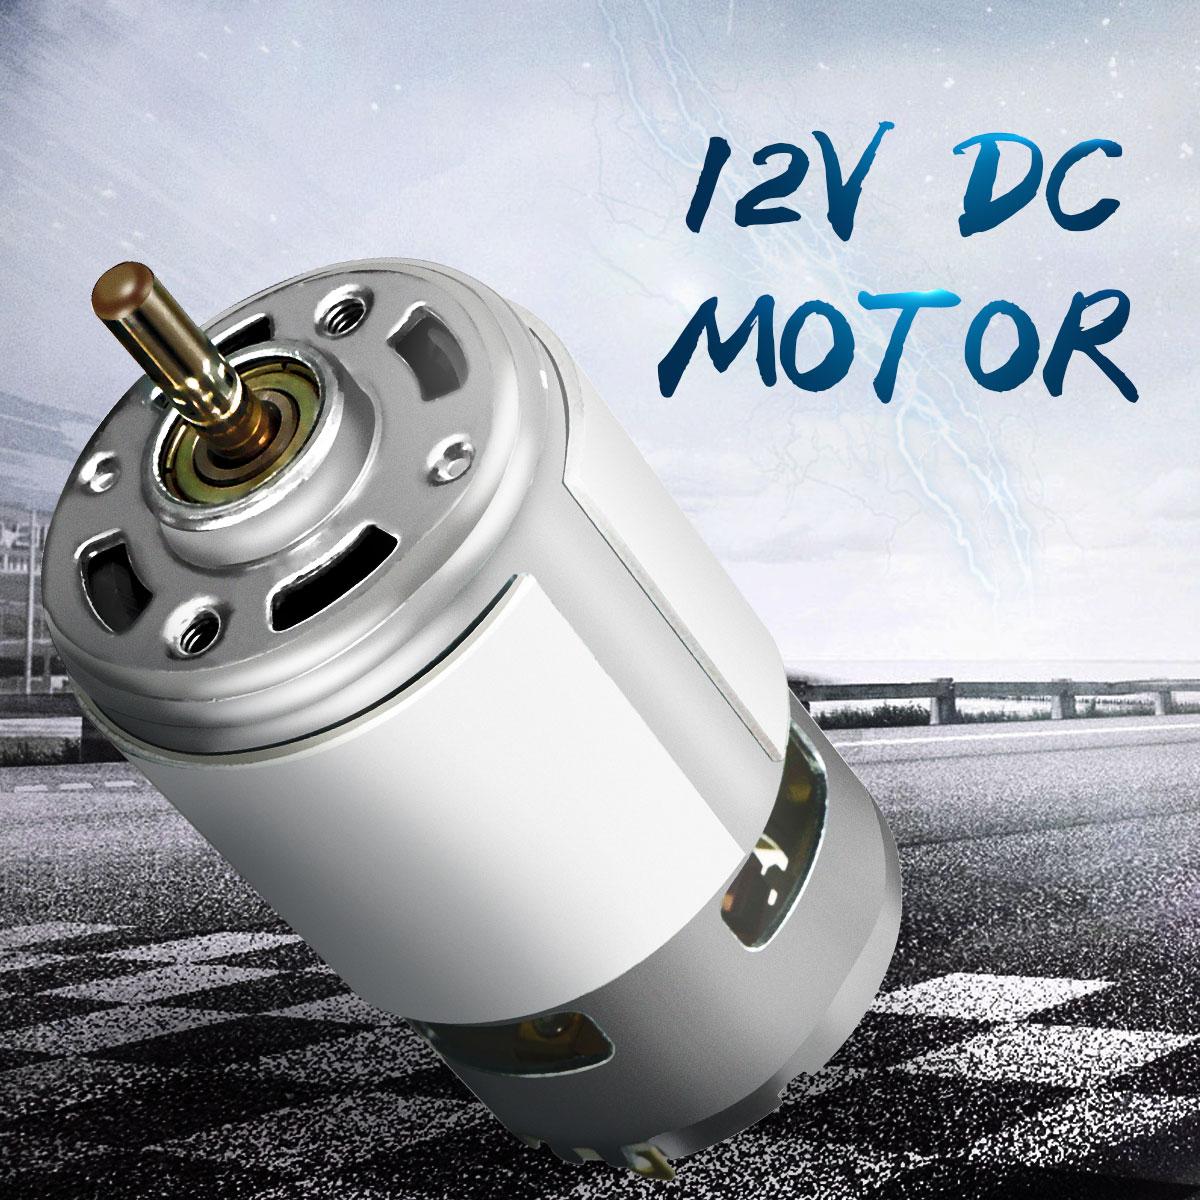 DC 12 v 100 W 1300015000 rpm 775 motor High speed Große drehmoment DC motor Elektrische werkzeug Elektrische maschinen